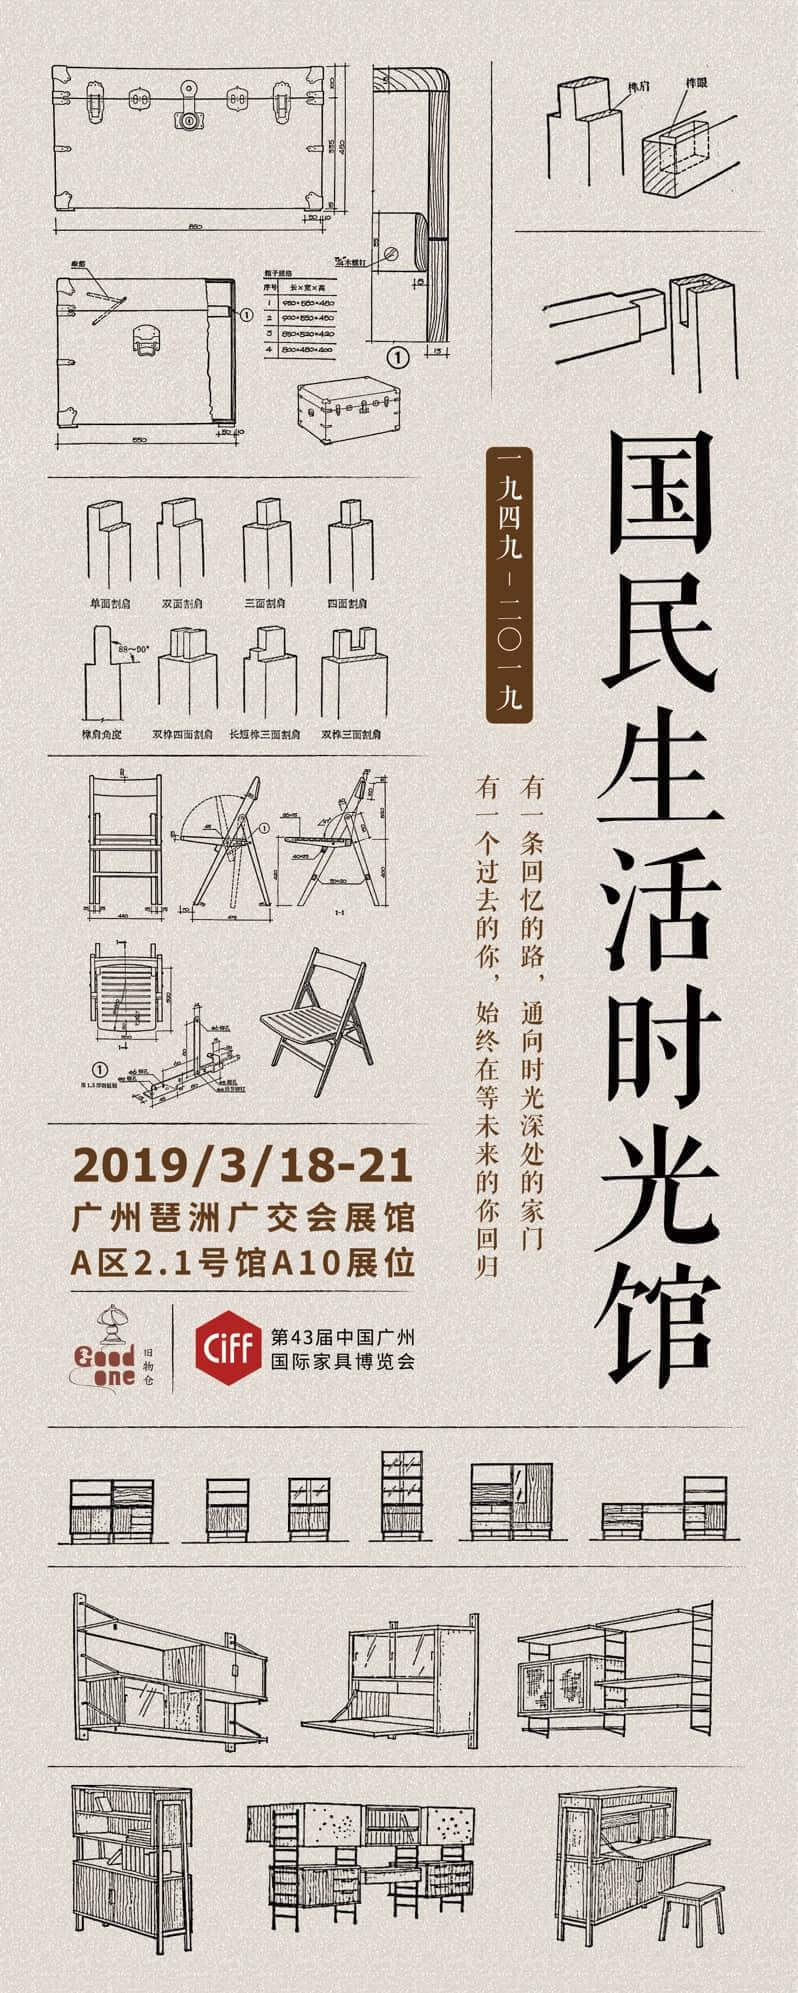 2019家博会前期准备/01%20广州家具展现场导览海报/有logo版小小小.jpg